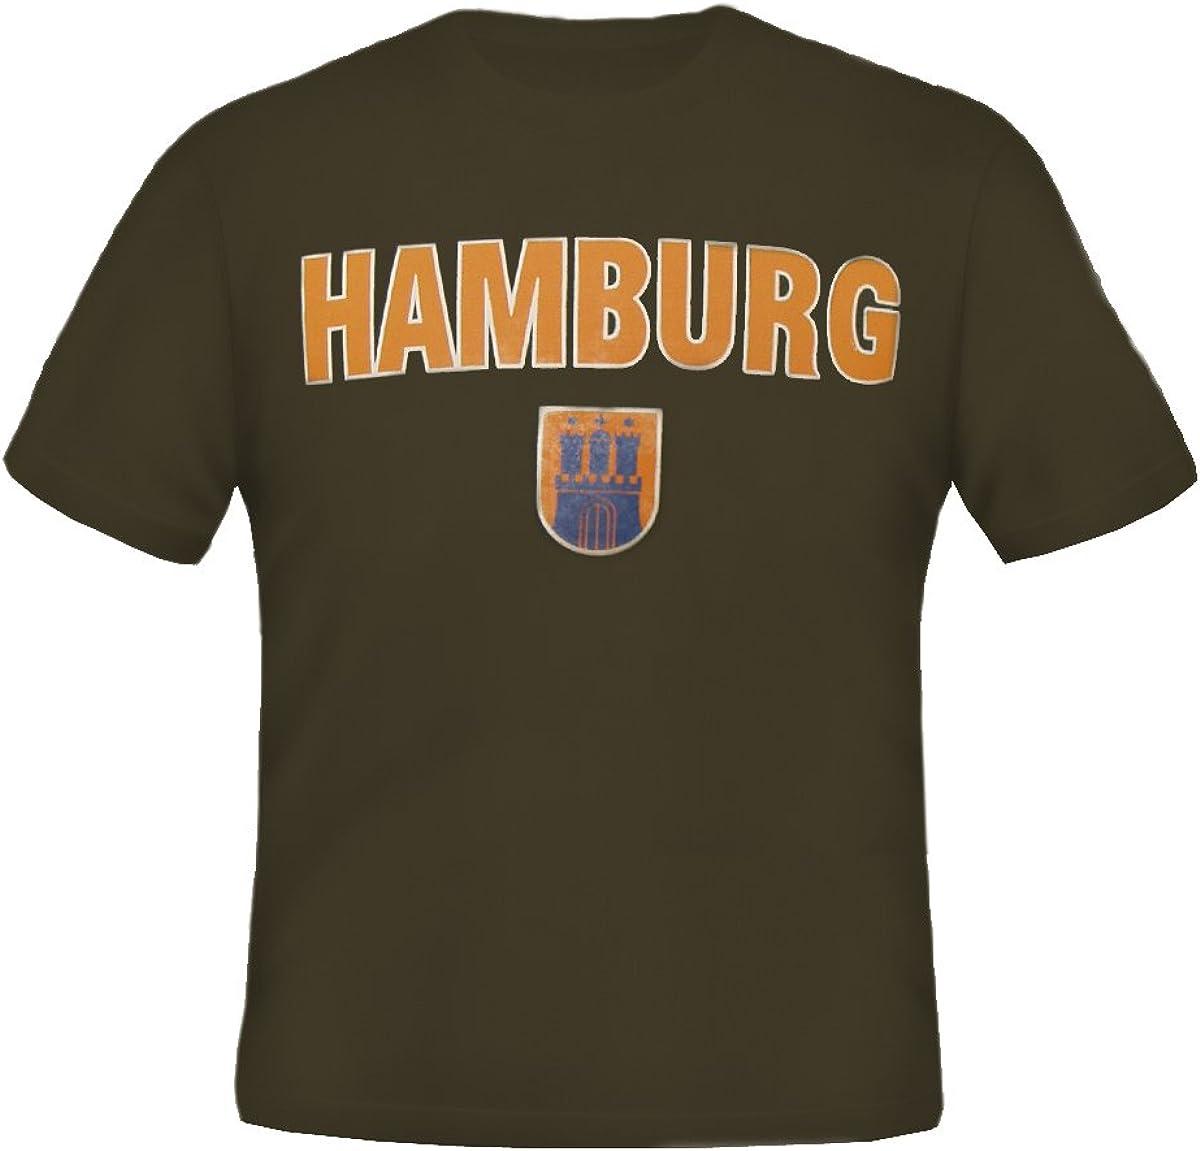 Brubaker Camiseta con diseño de Hamburgo, en 8 colores fuertes, puro algodón, talla S – XXXL